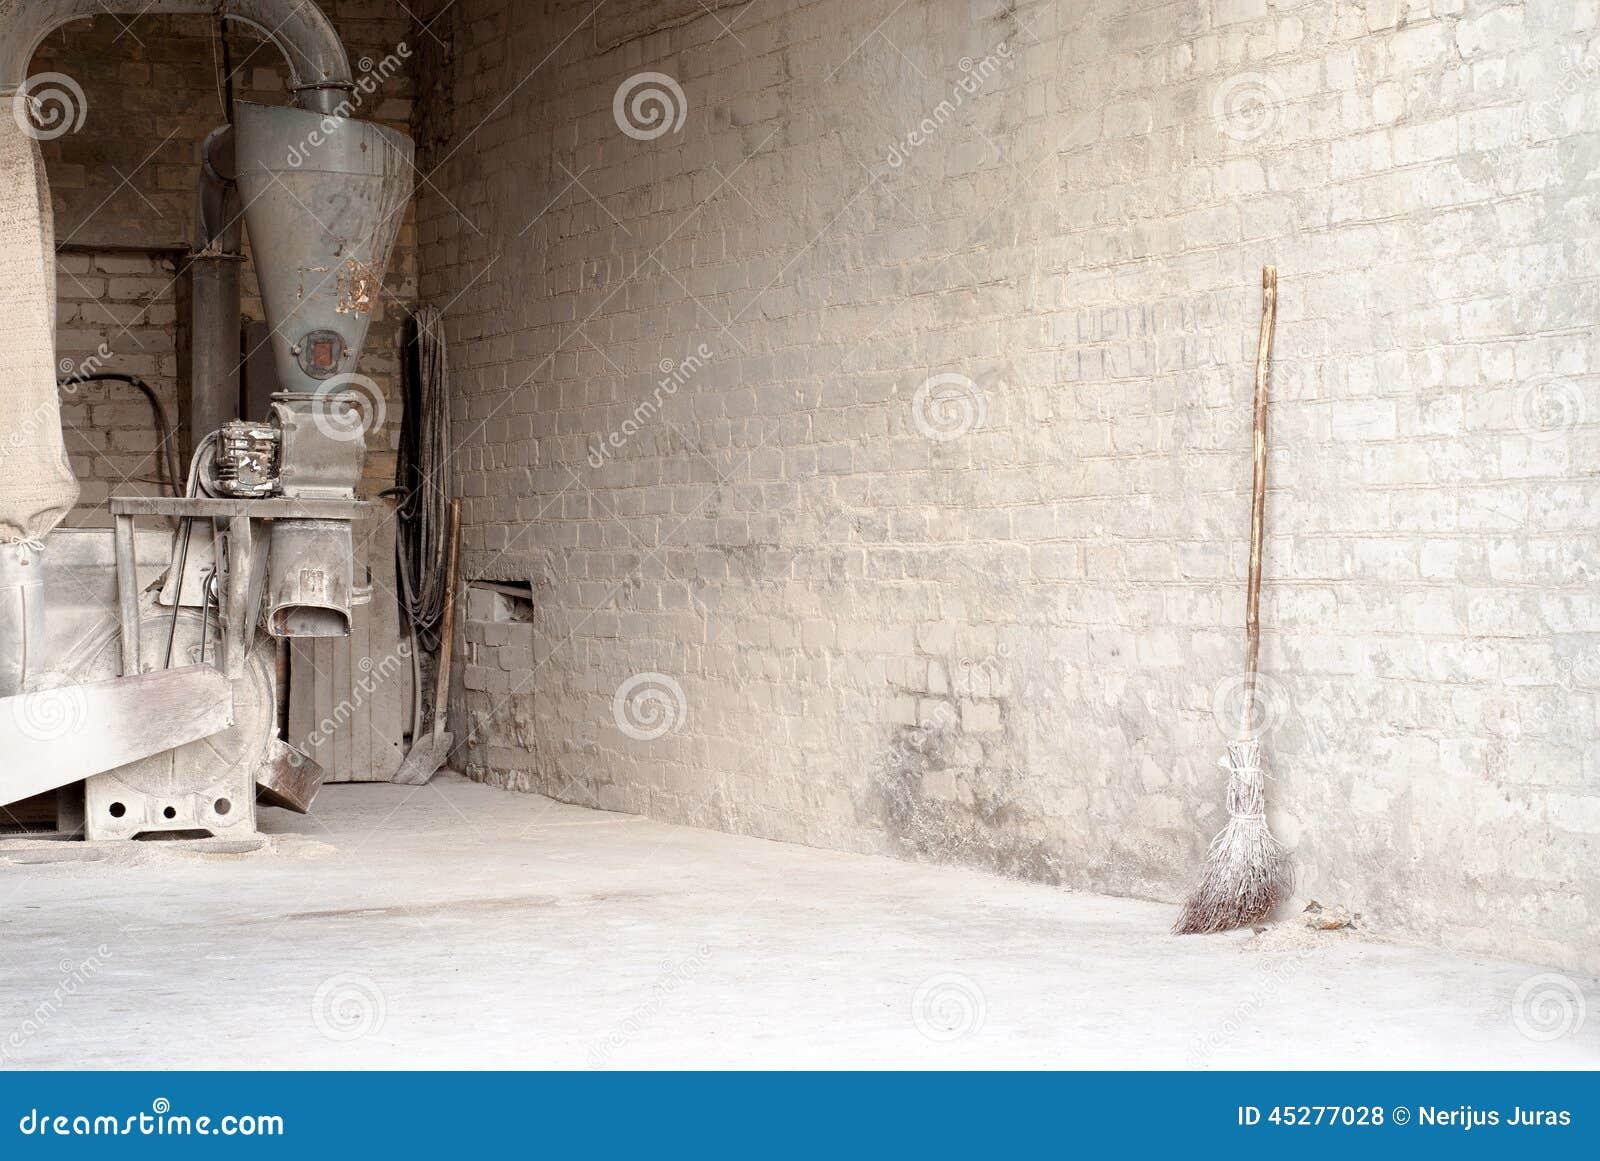 Moulin lectrique de ma s et balai en bois au mur photo stock image 45277028 - Sorbetiere manuelle et electrique en bois ...